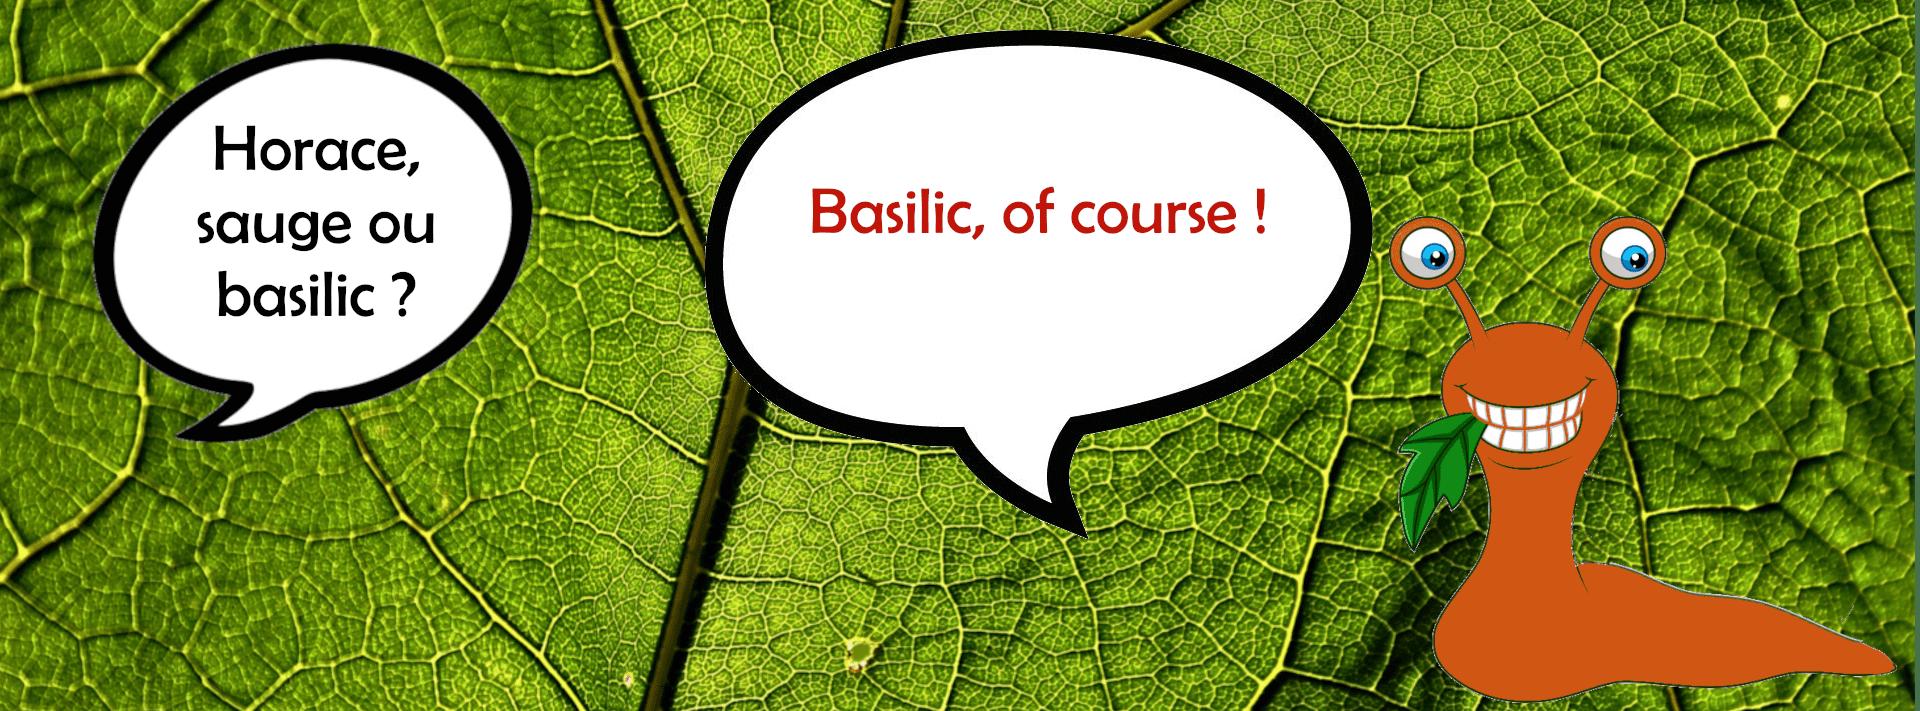 Les limaces aiment le basilic